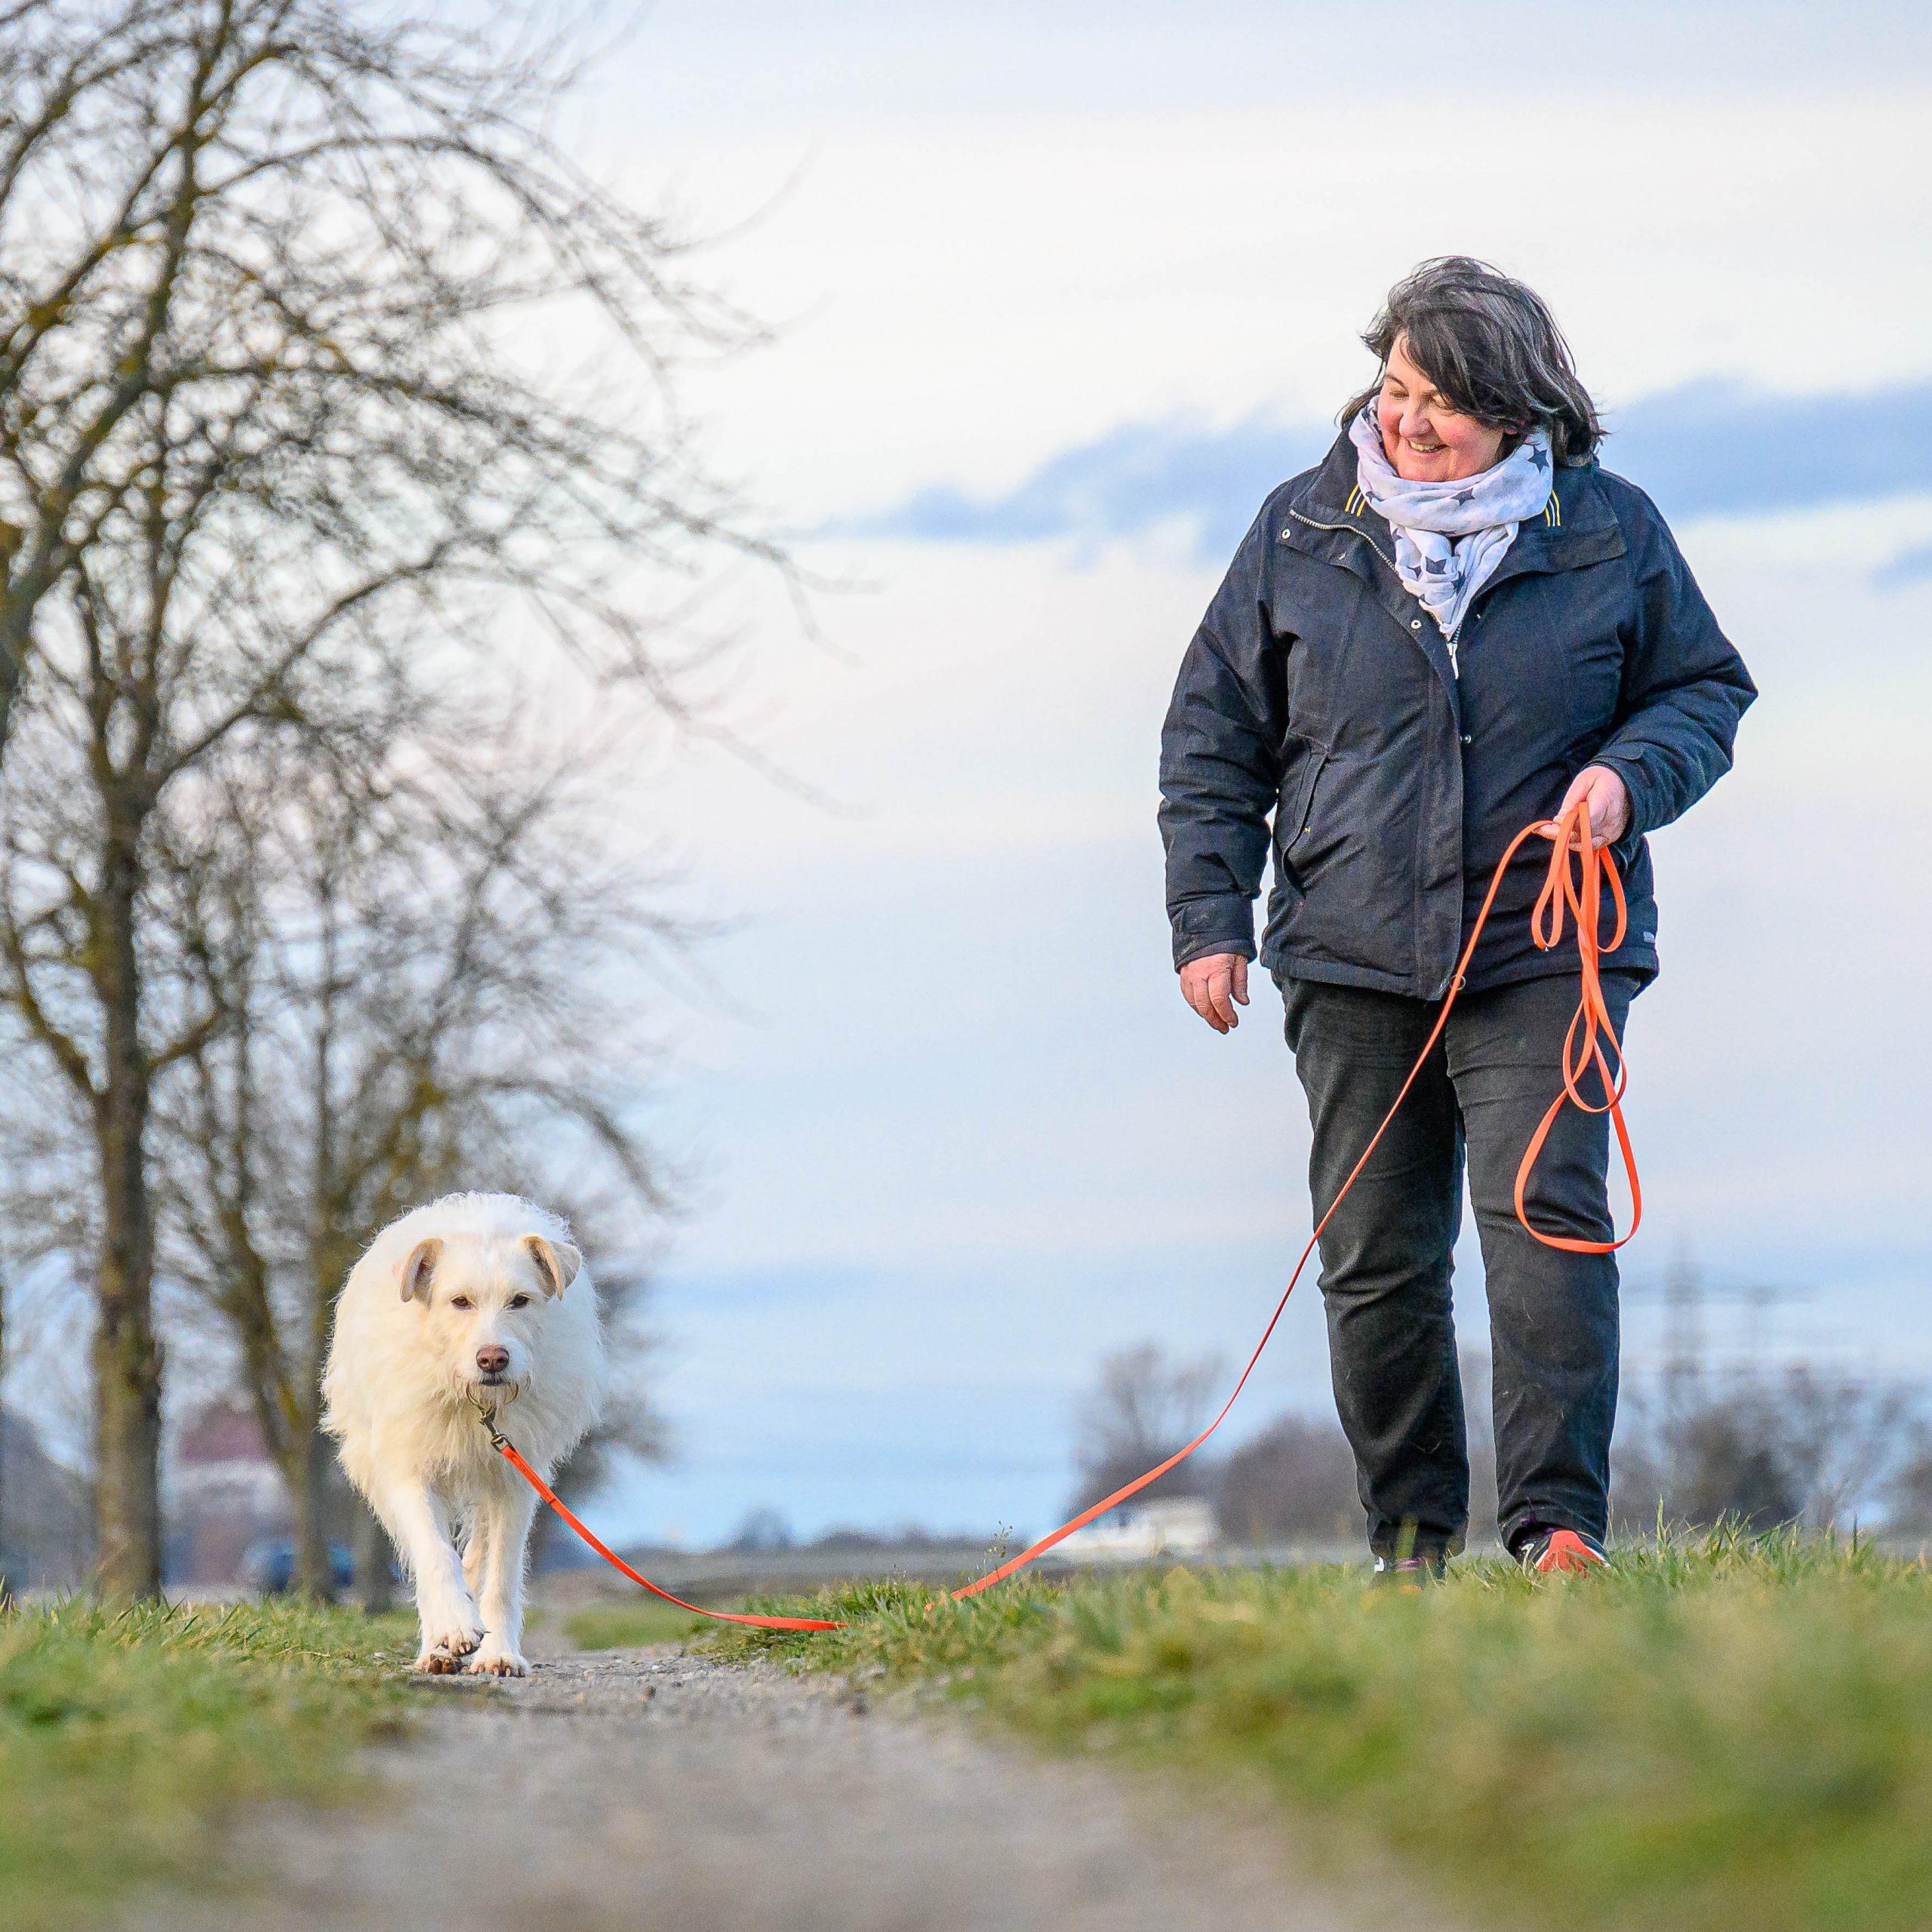 Mensch mit Hund an der Schleppleine